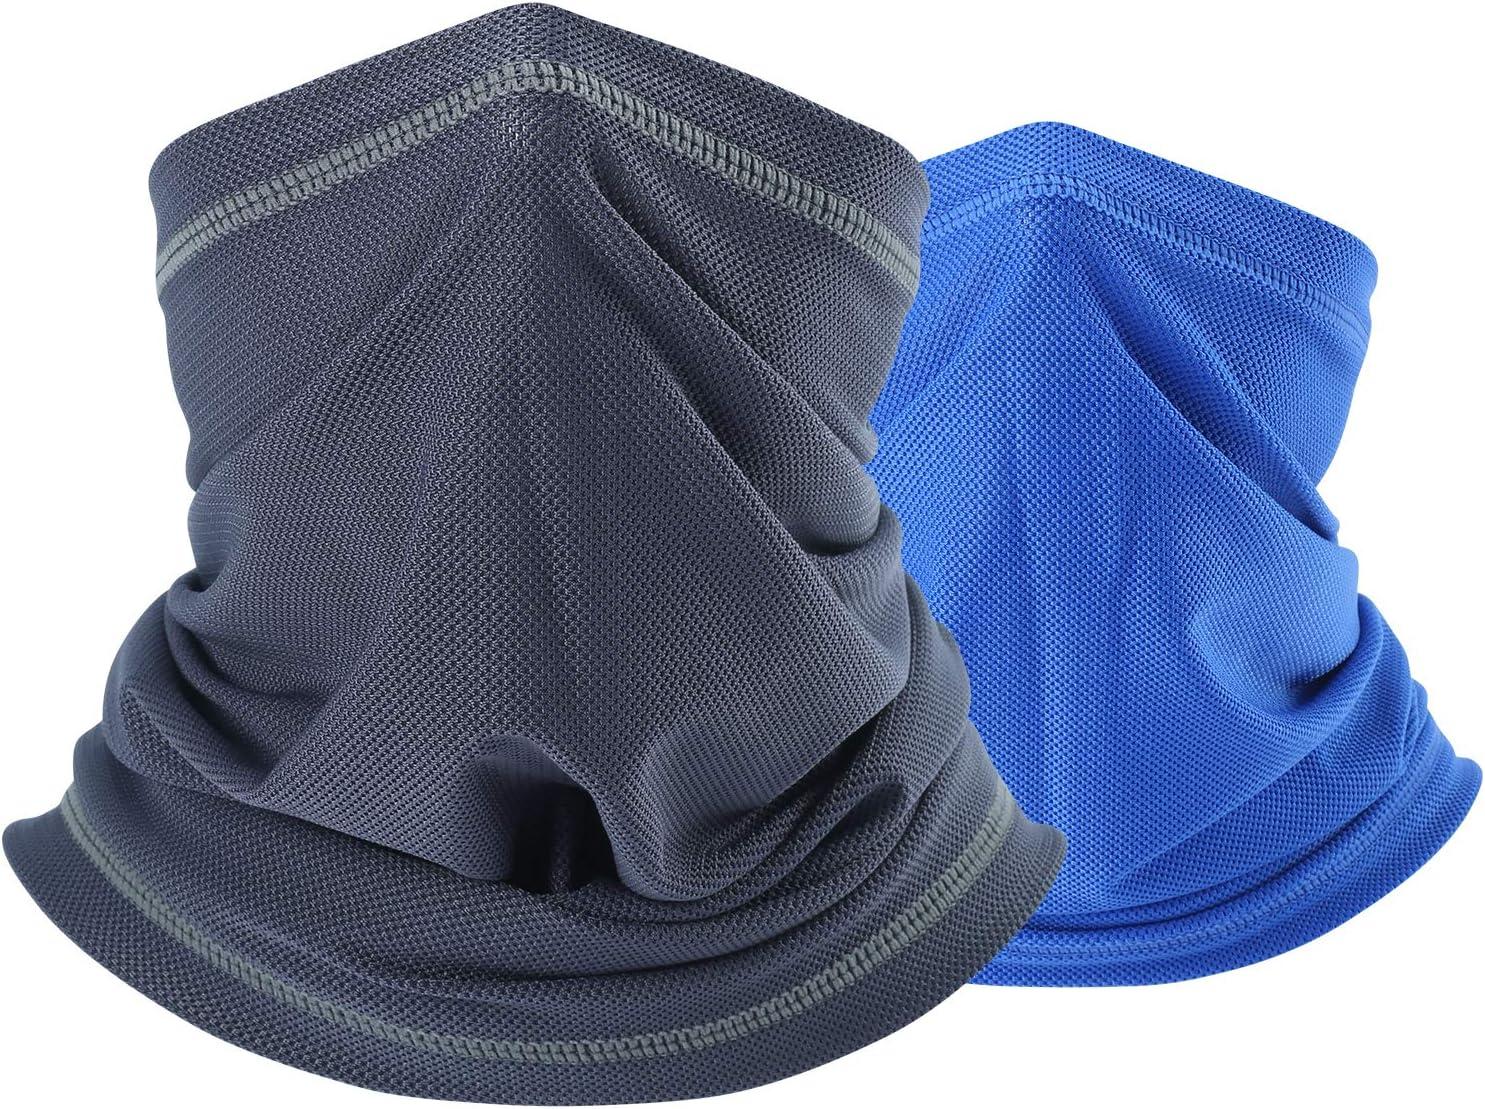 QINGLONGLIN Cooling Face Mask Bandana- Sun Protection Neck Gaiter Cover for Outdoor Cycling Hiking Fishing Men & Women